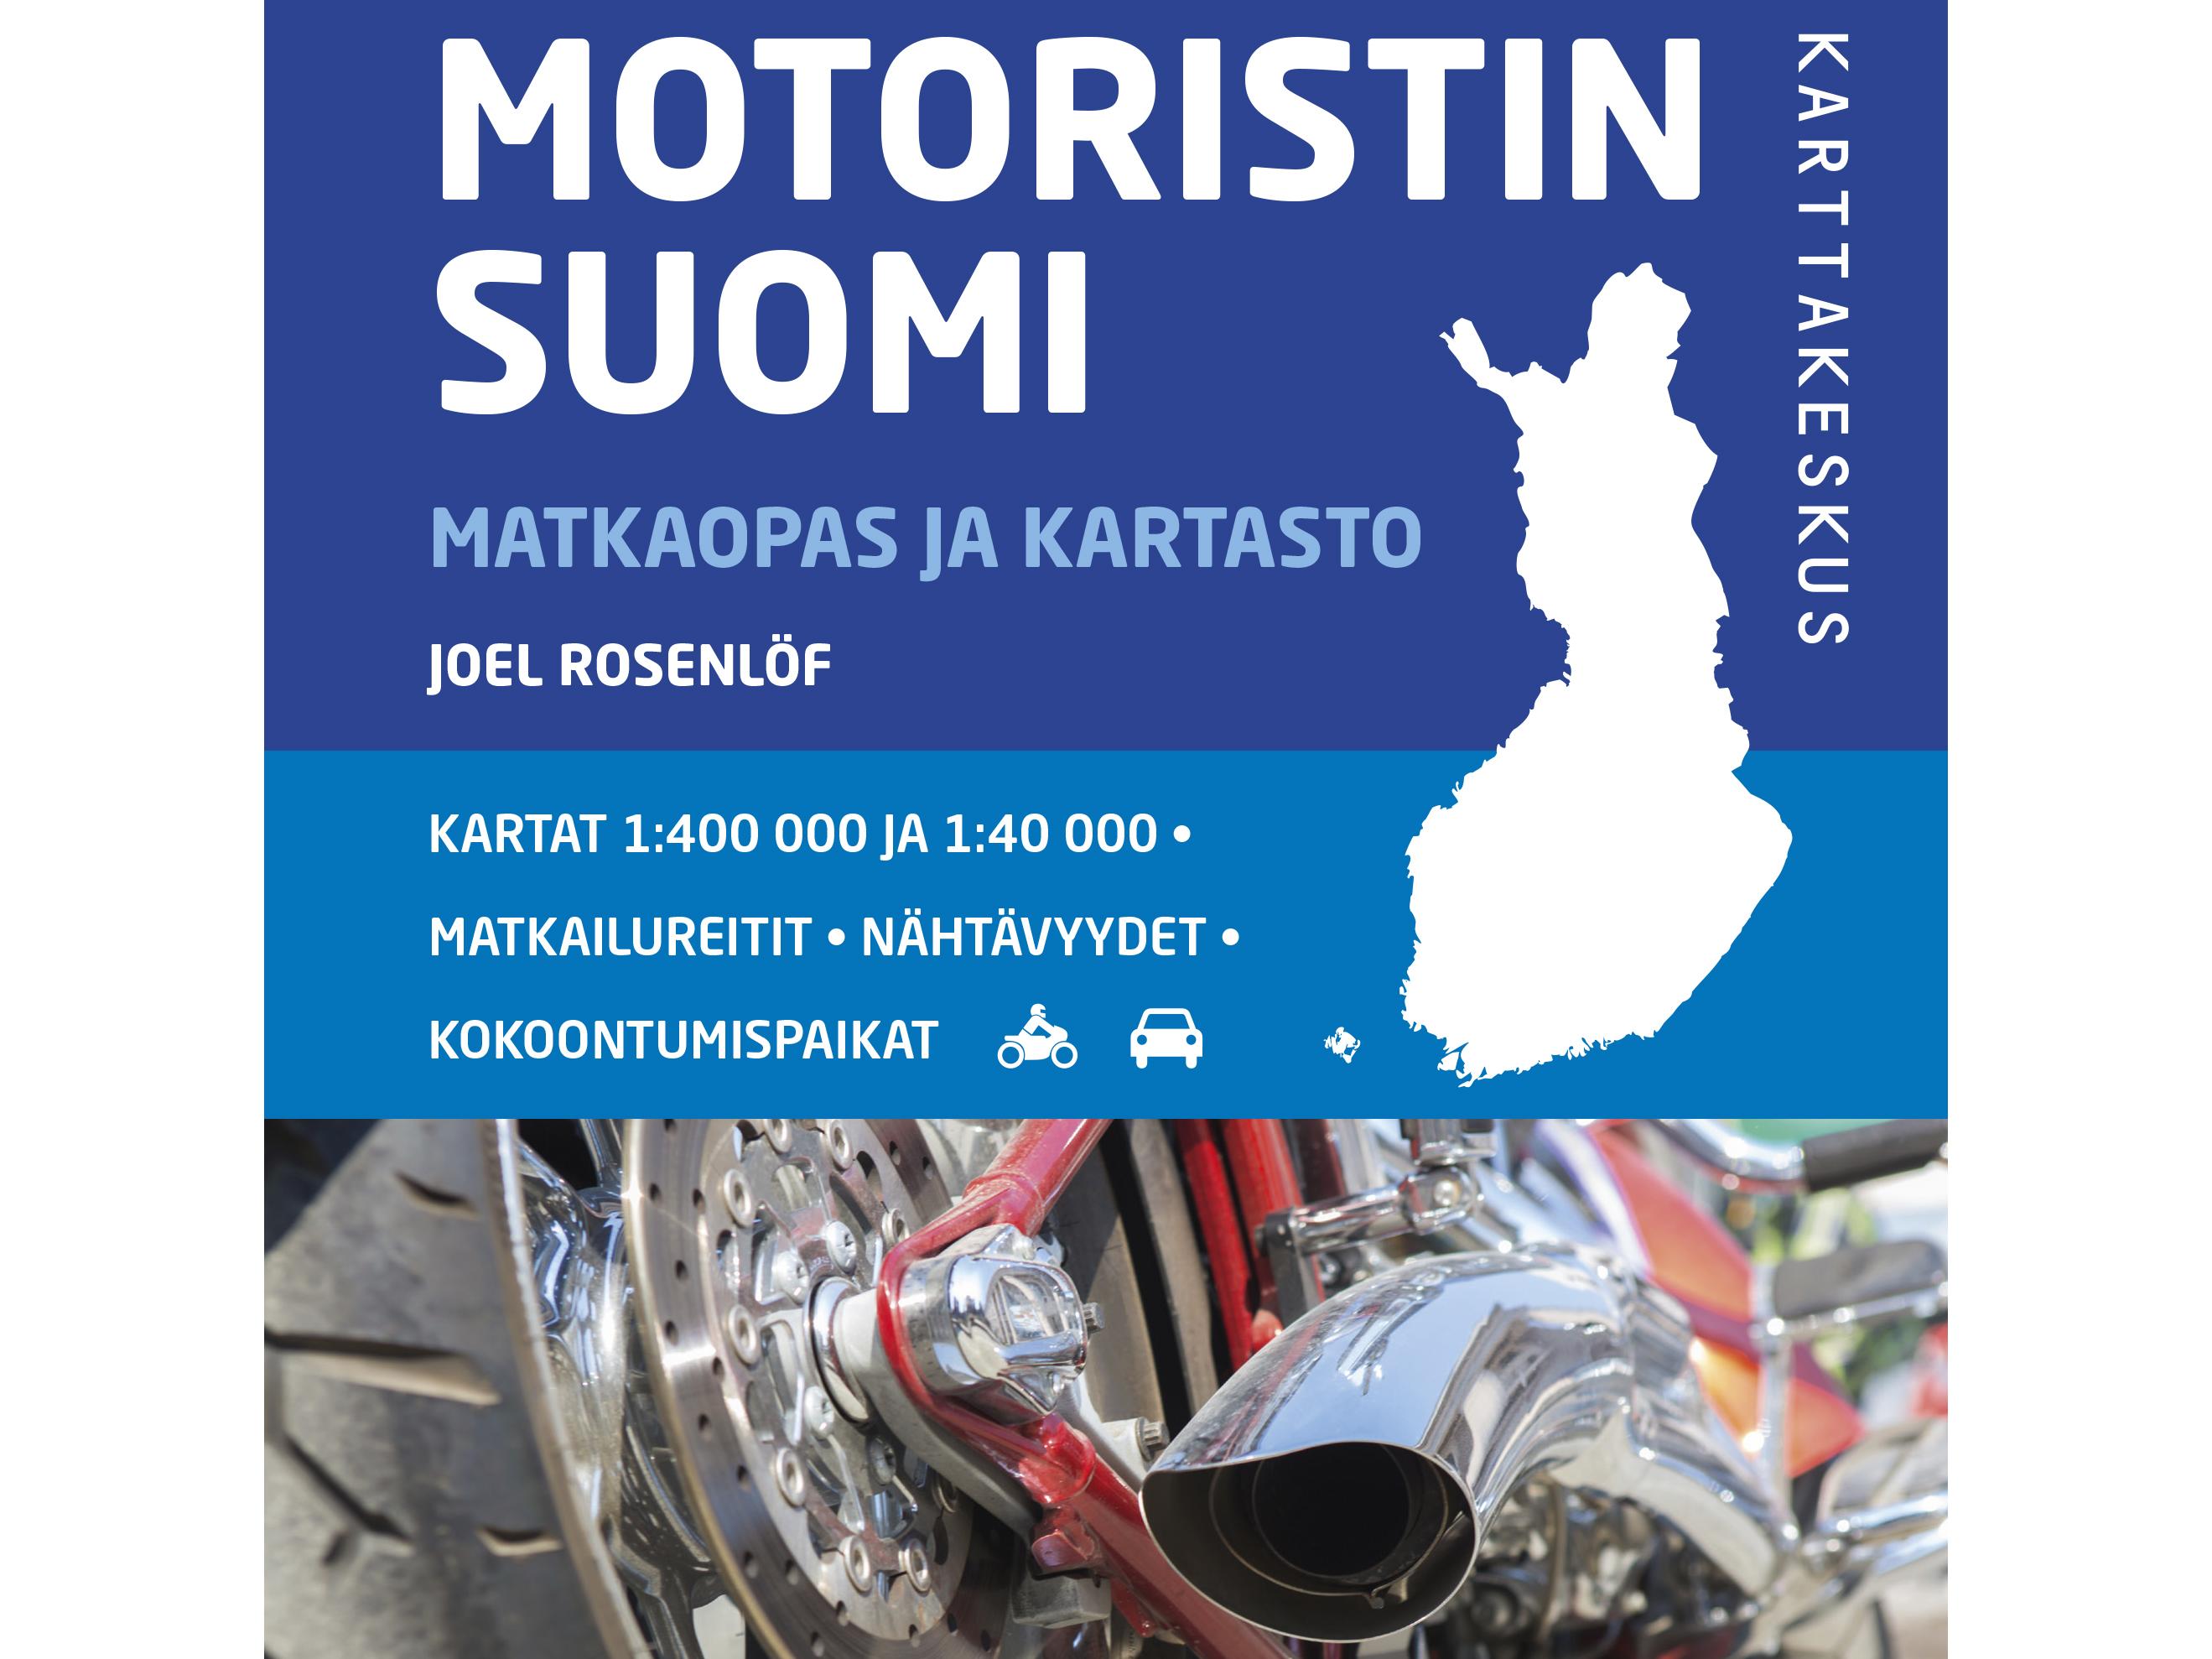 Motoristin Suomi Matkaoppaasta Ja Karttakirjasta Uusi Paivitetty